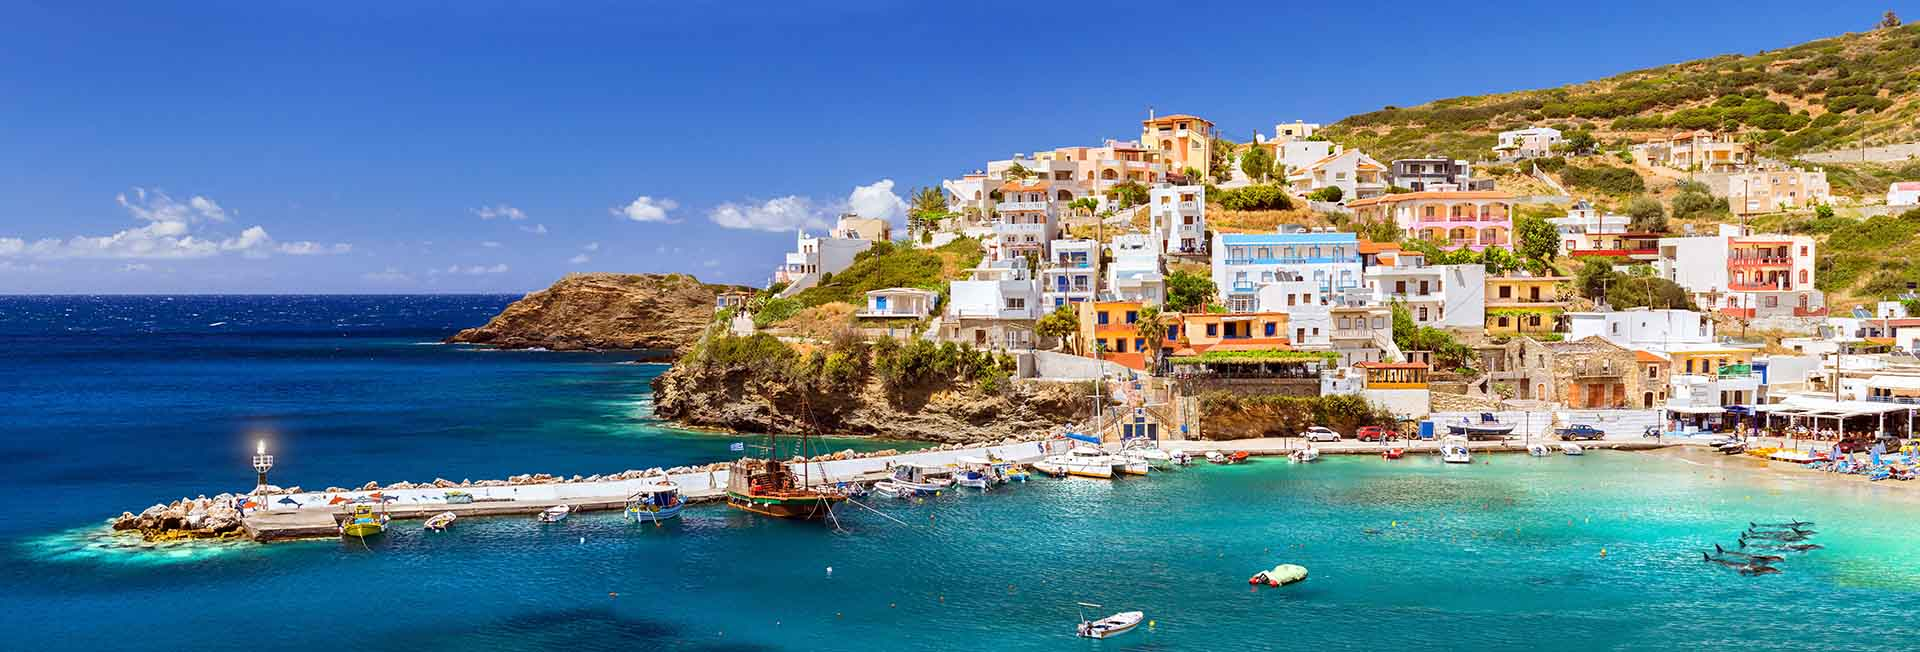 Hay algo innegablemente artístico en la forma en que se desarrolla el paisaje cretense, desde las playas bañadas por el sol en el norte hasta los escarpados cañones que se extienden en la costa sur